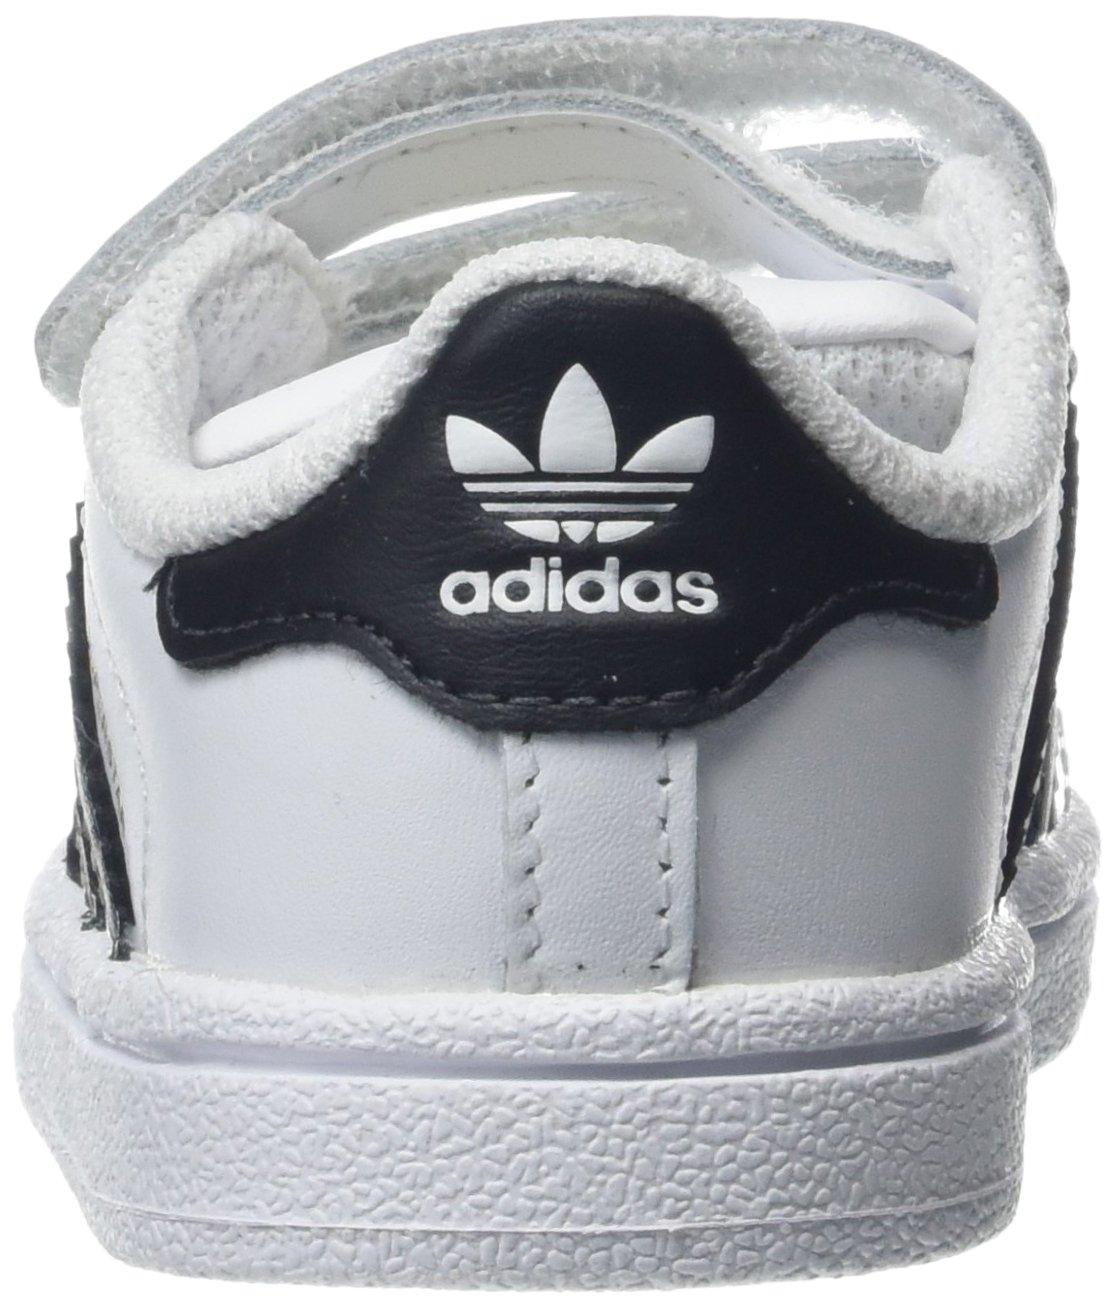 scarpe adidas 0-24